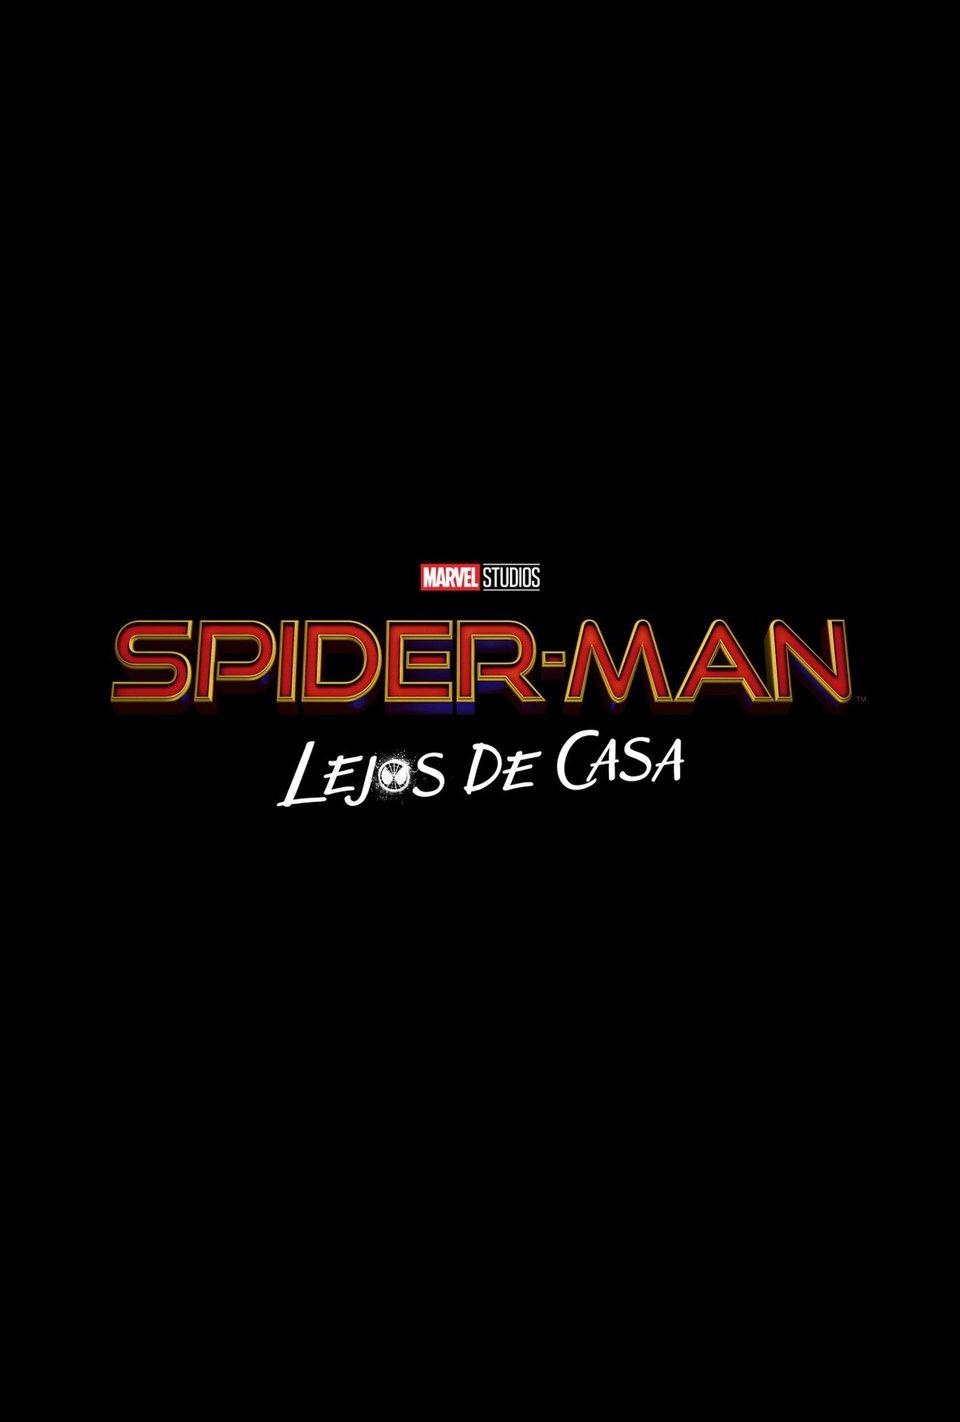 Cartel Logo España de 'Spider-Man: Lejos de casa'